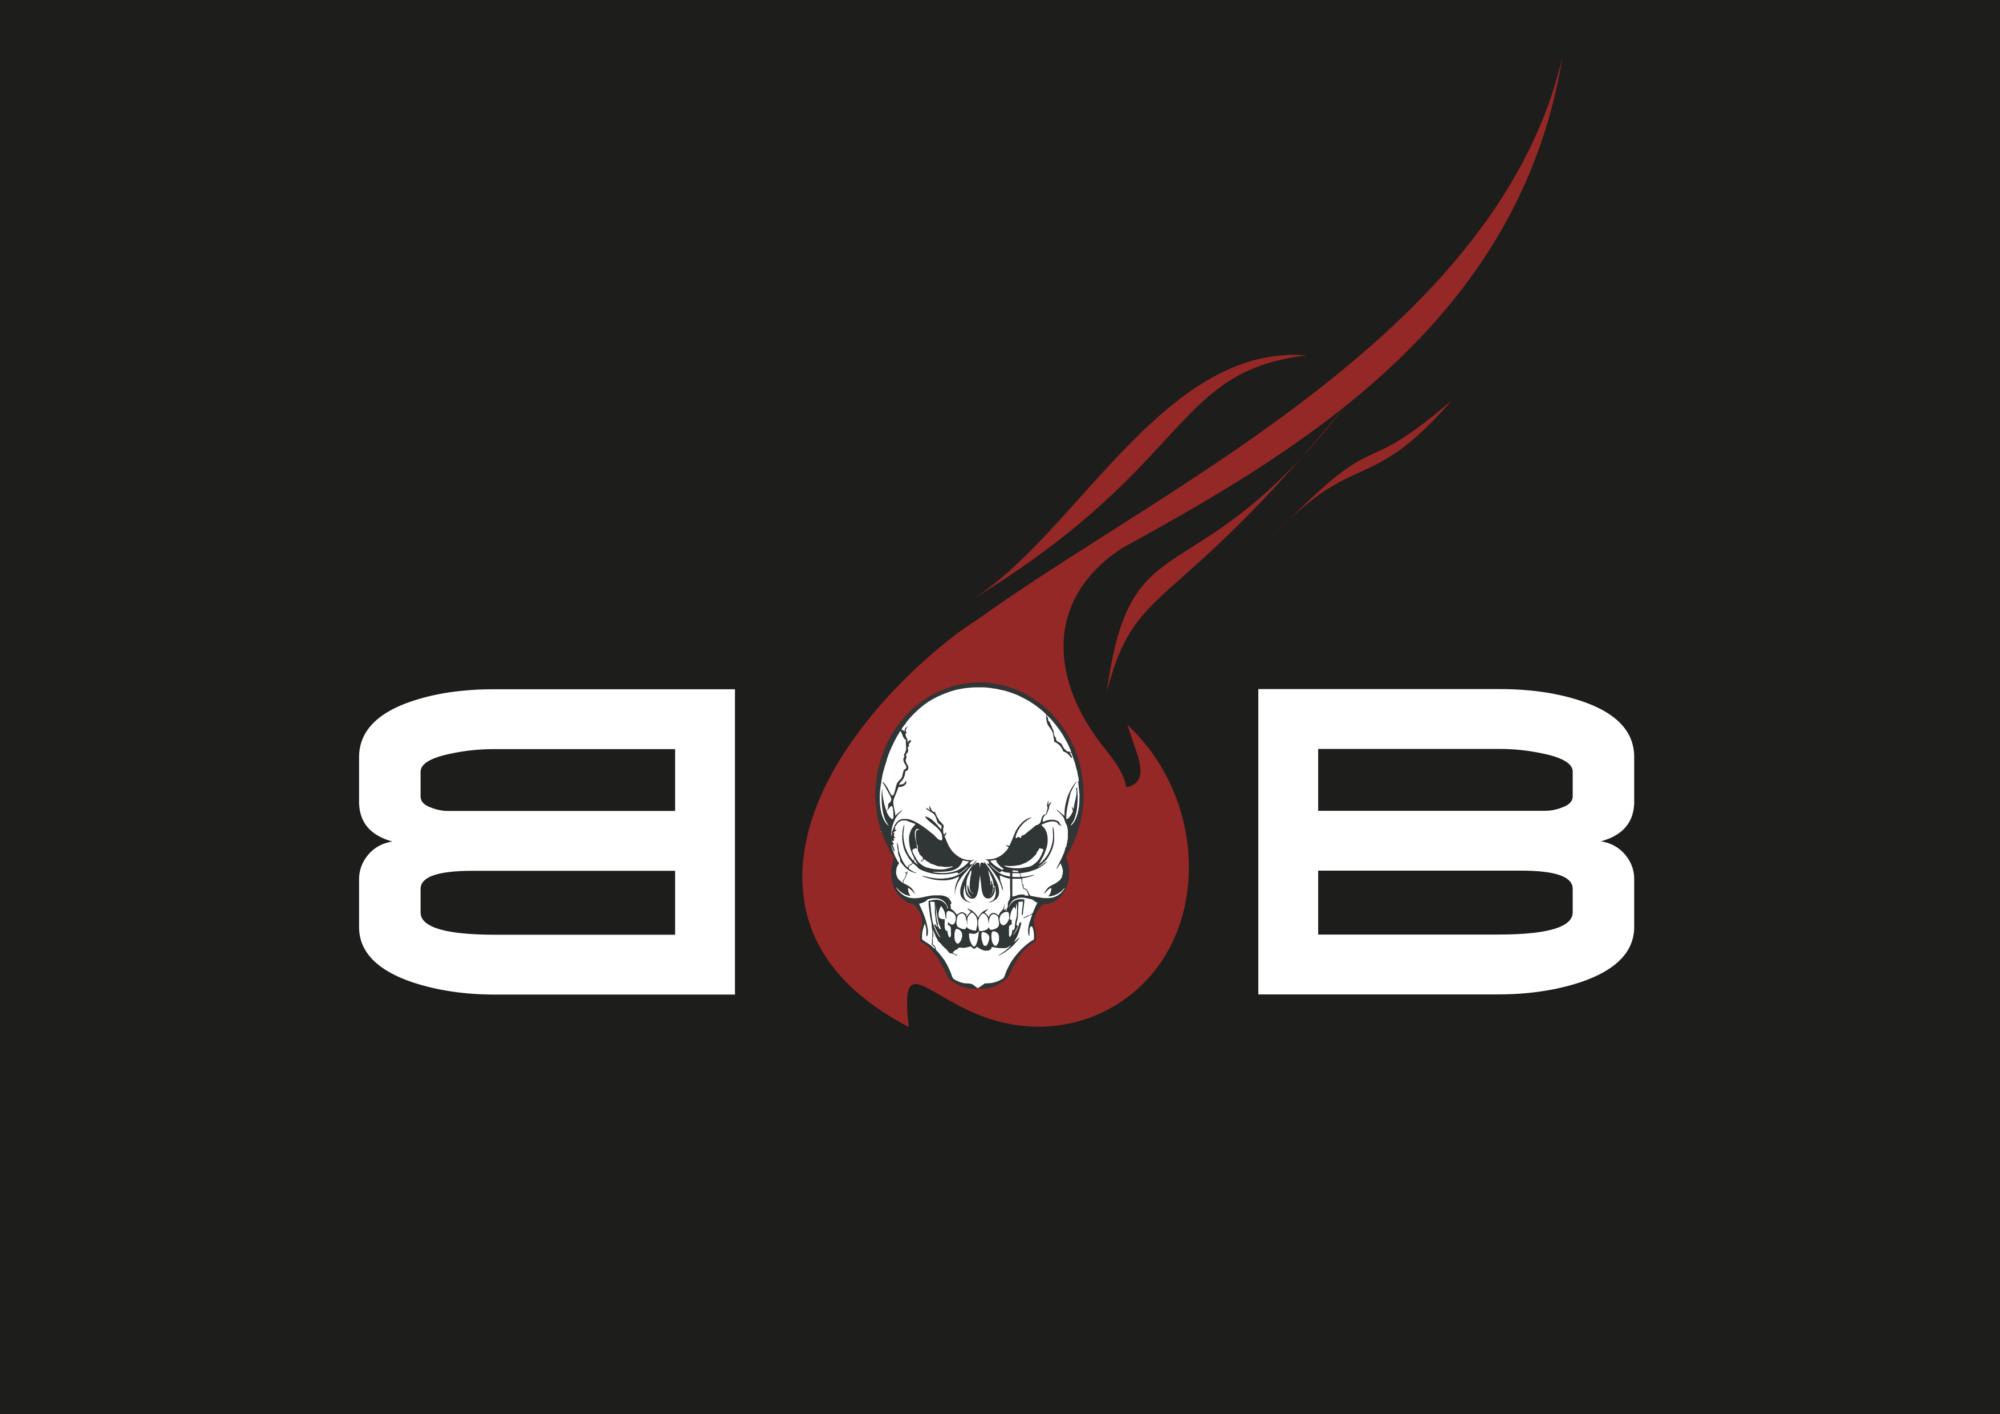 The B.O.B. CLUB